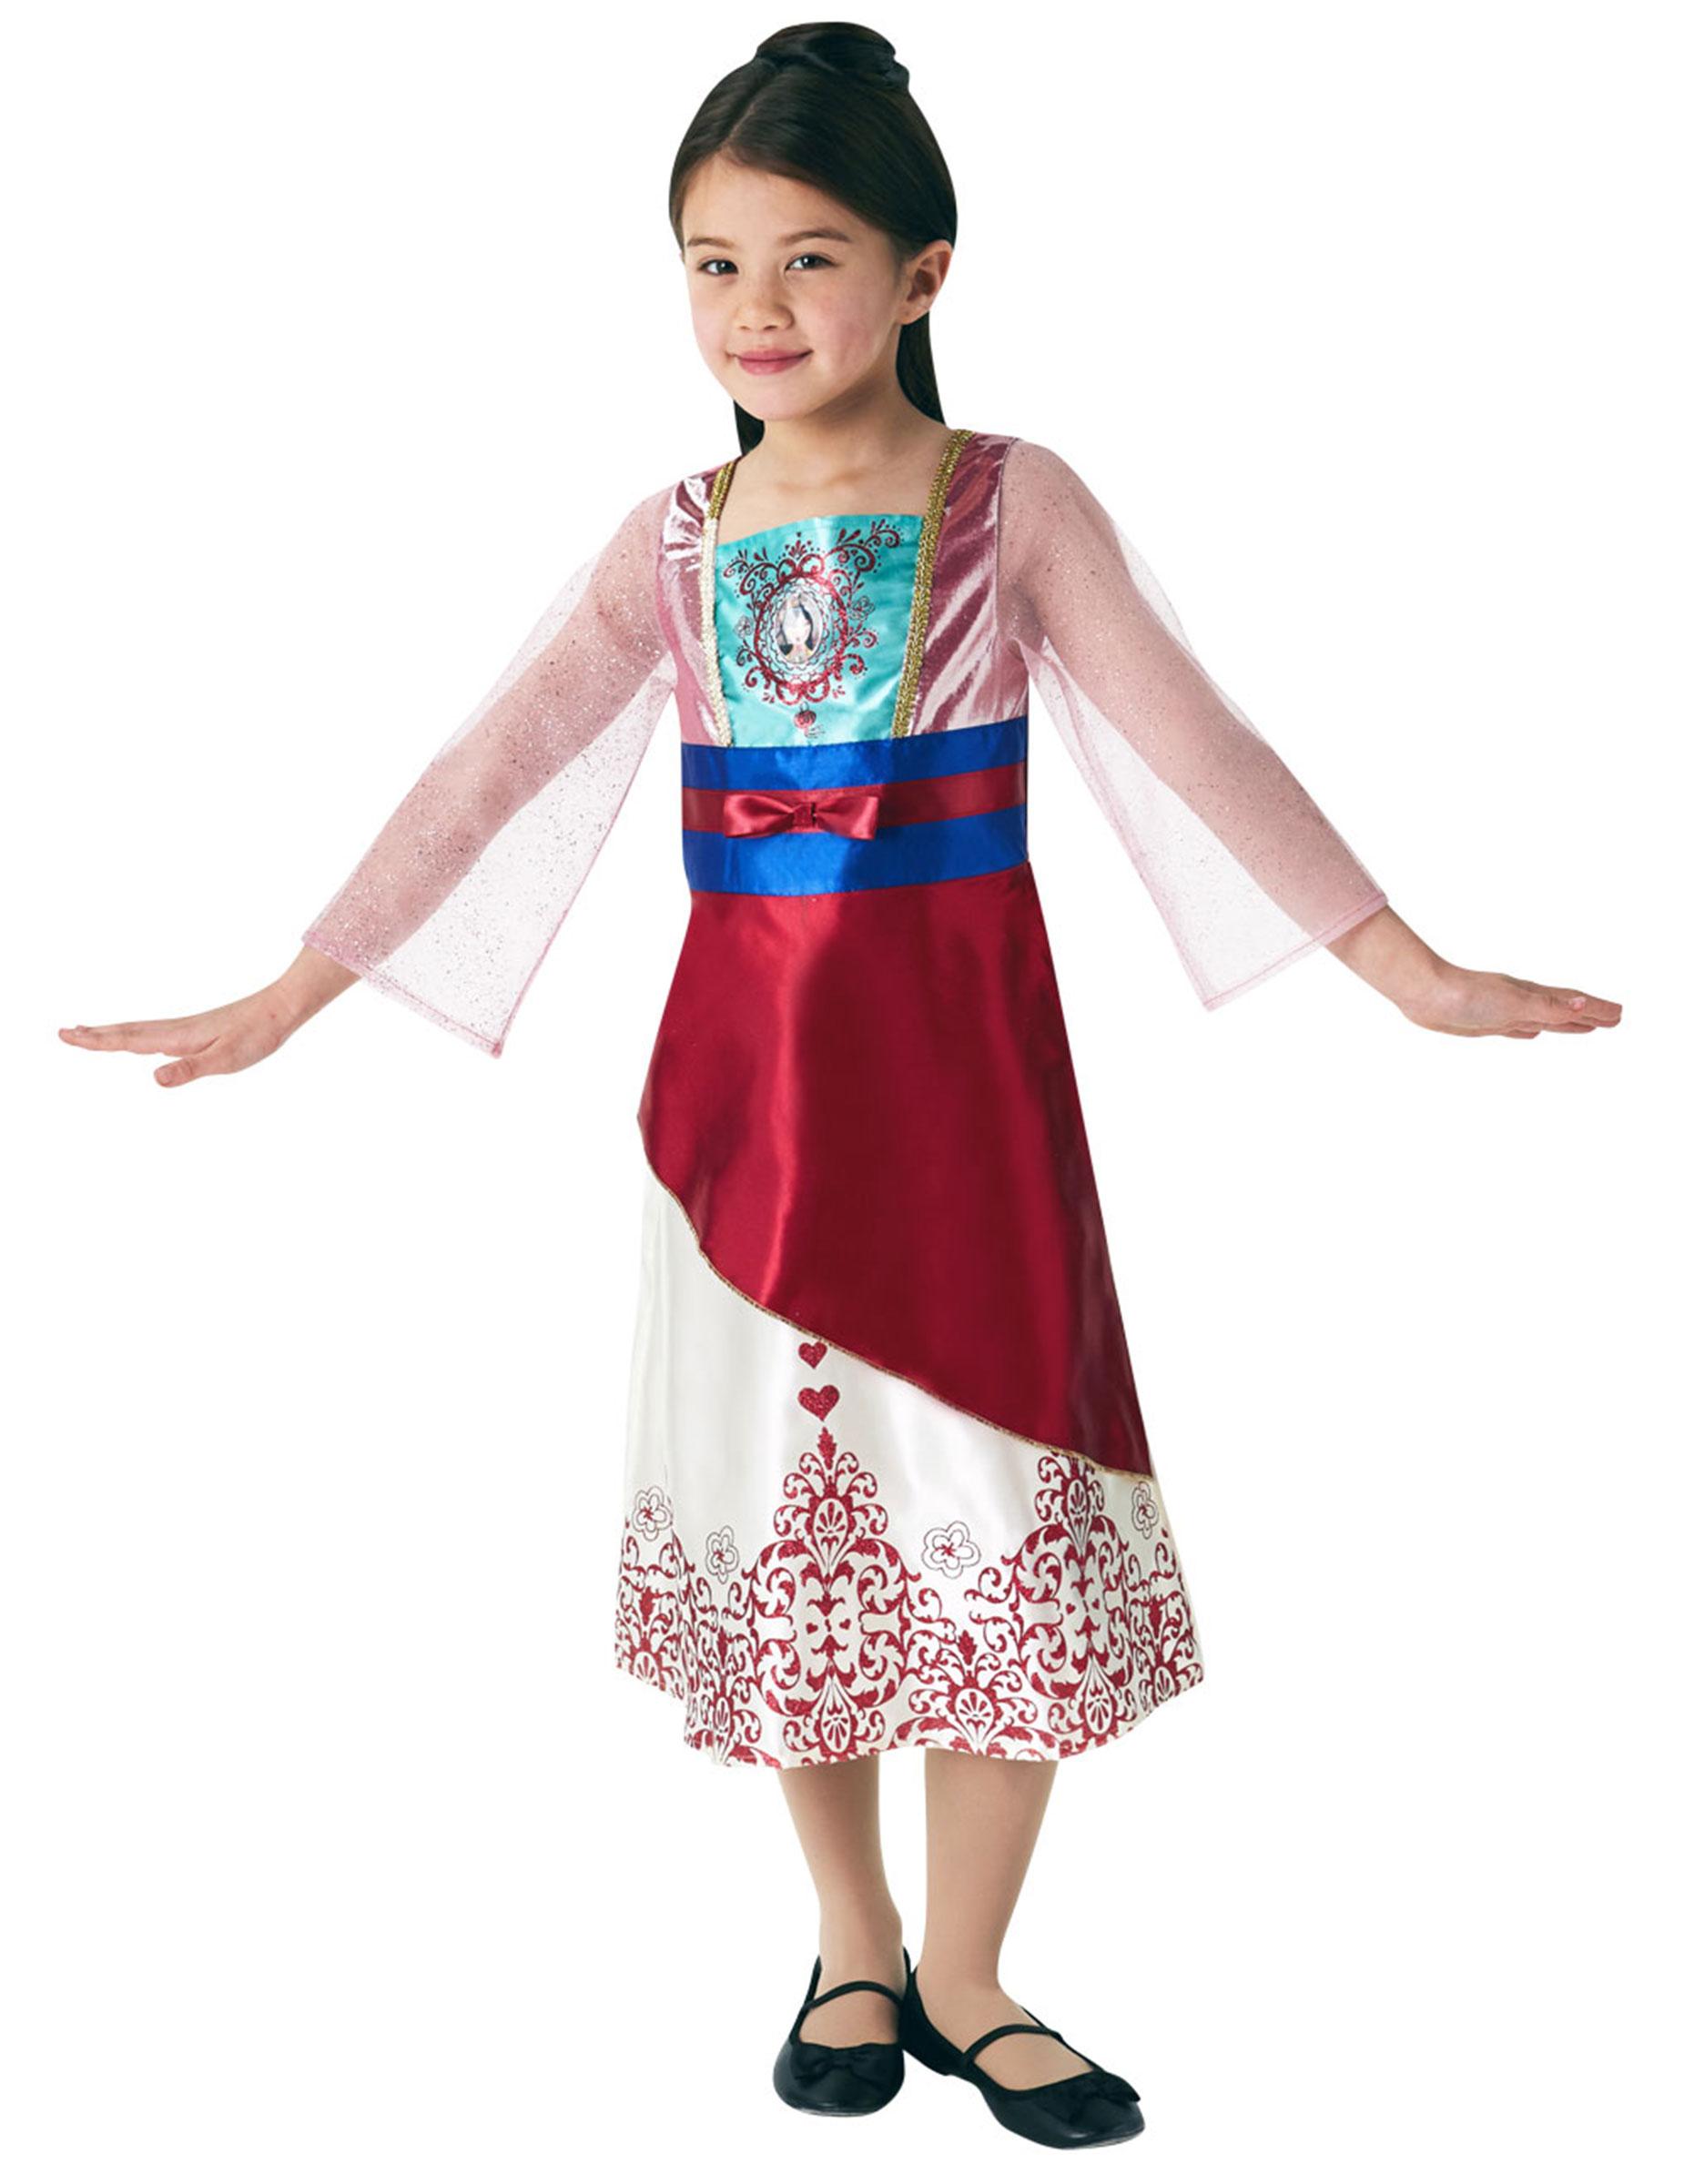 Nella La Principessa Cavaliere Costume Bambina Vestito Da Ufficiale con Licenza